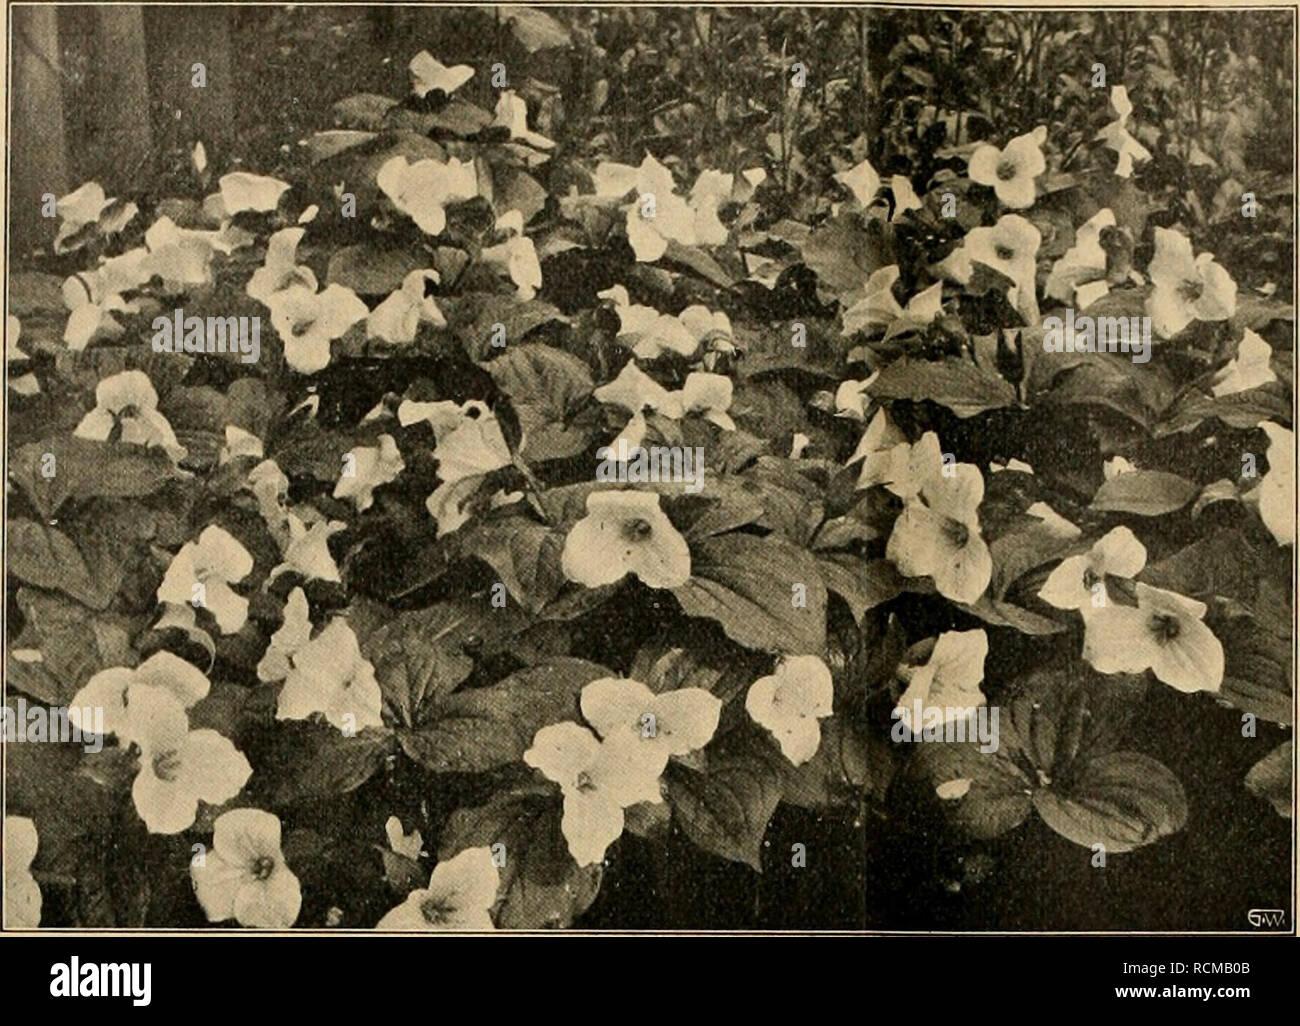 """. Die Gartenwelt. Il giardinaggio. 442 Die Gartenwelt. XVI, 32. Trillium grandiflorum. Originalaufnahme für die """"Gartenwelt"""". Gemüsebau. Das neue runde Riesen-Butter-Treibradies, eine Züchtung von F. C. Heinemann, Erfurt, verdient nach meinen Erfahrungen die Empfehlung wärmste. Es besitzt eine schöne, gleichmäßig runde forma von scharlachroter Färbung, sein Fleisch ist sehr wohl- schmeckend und steht in nichts dem der Wohlgeschmack gewöhn- lichen kleinen Sorten nach. Diese hervorragende Neuheit über- trifft das Erfurter Riesen- treibradies schon des- mezza, weil sie kurzlaubi- ger ist. Für Treibk Foto Stock"""